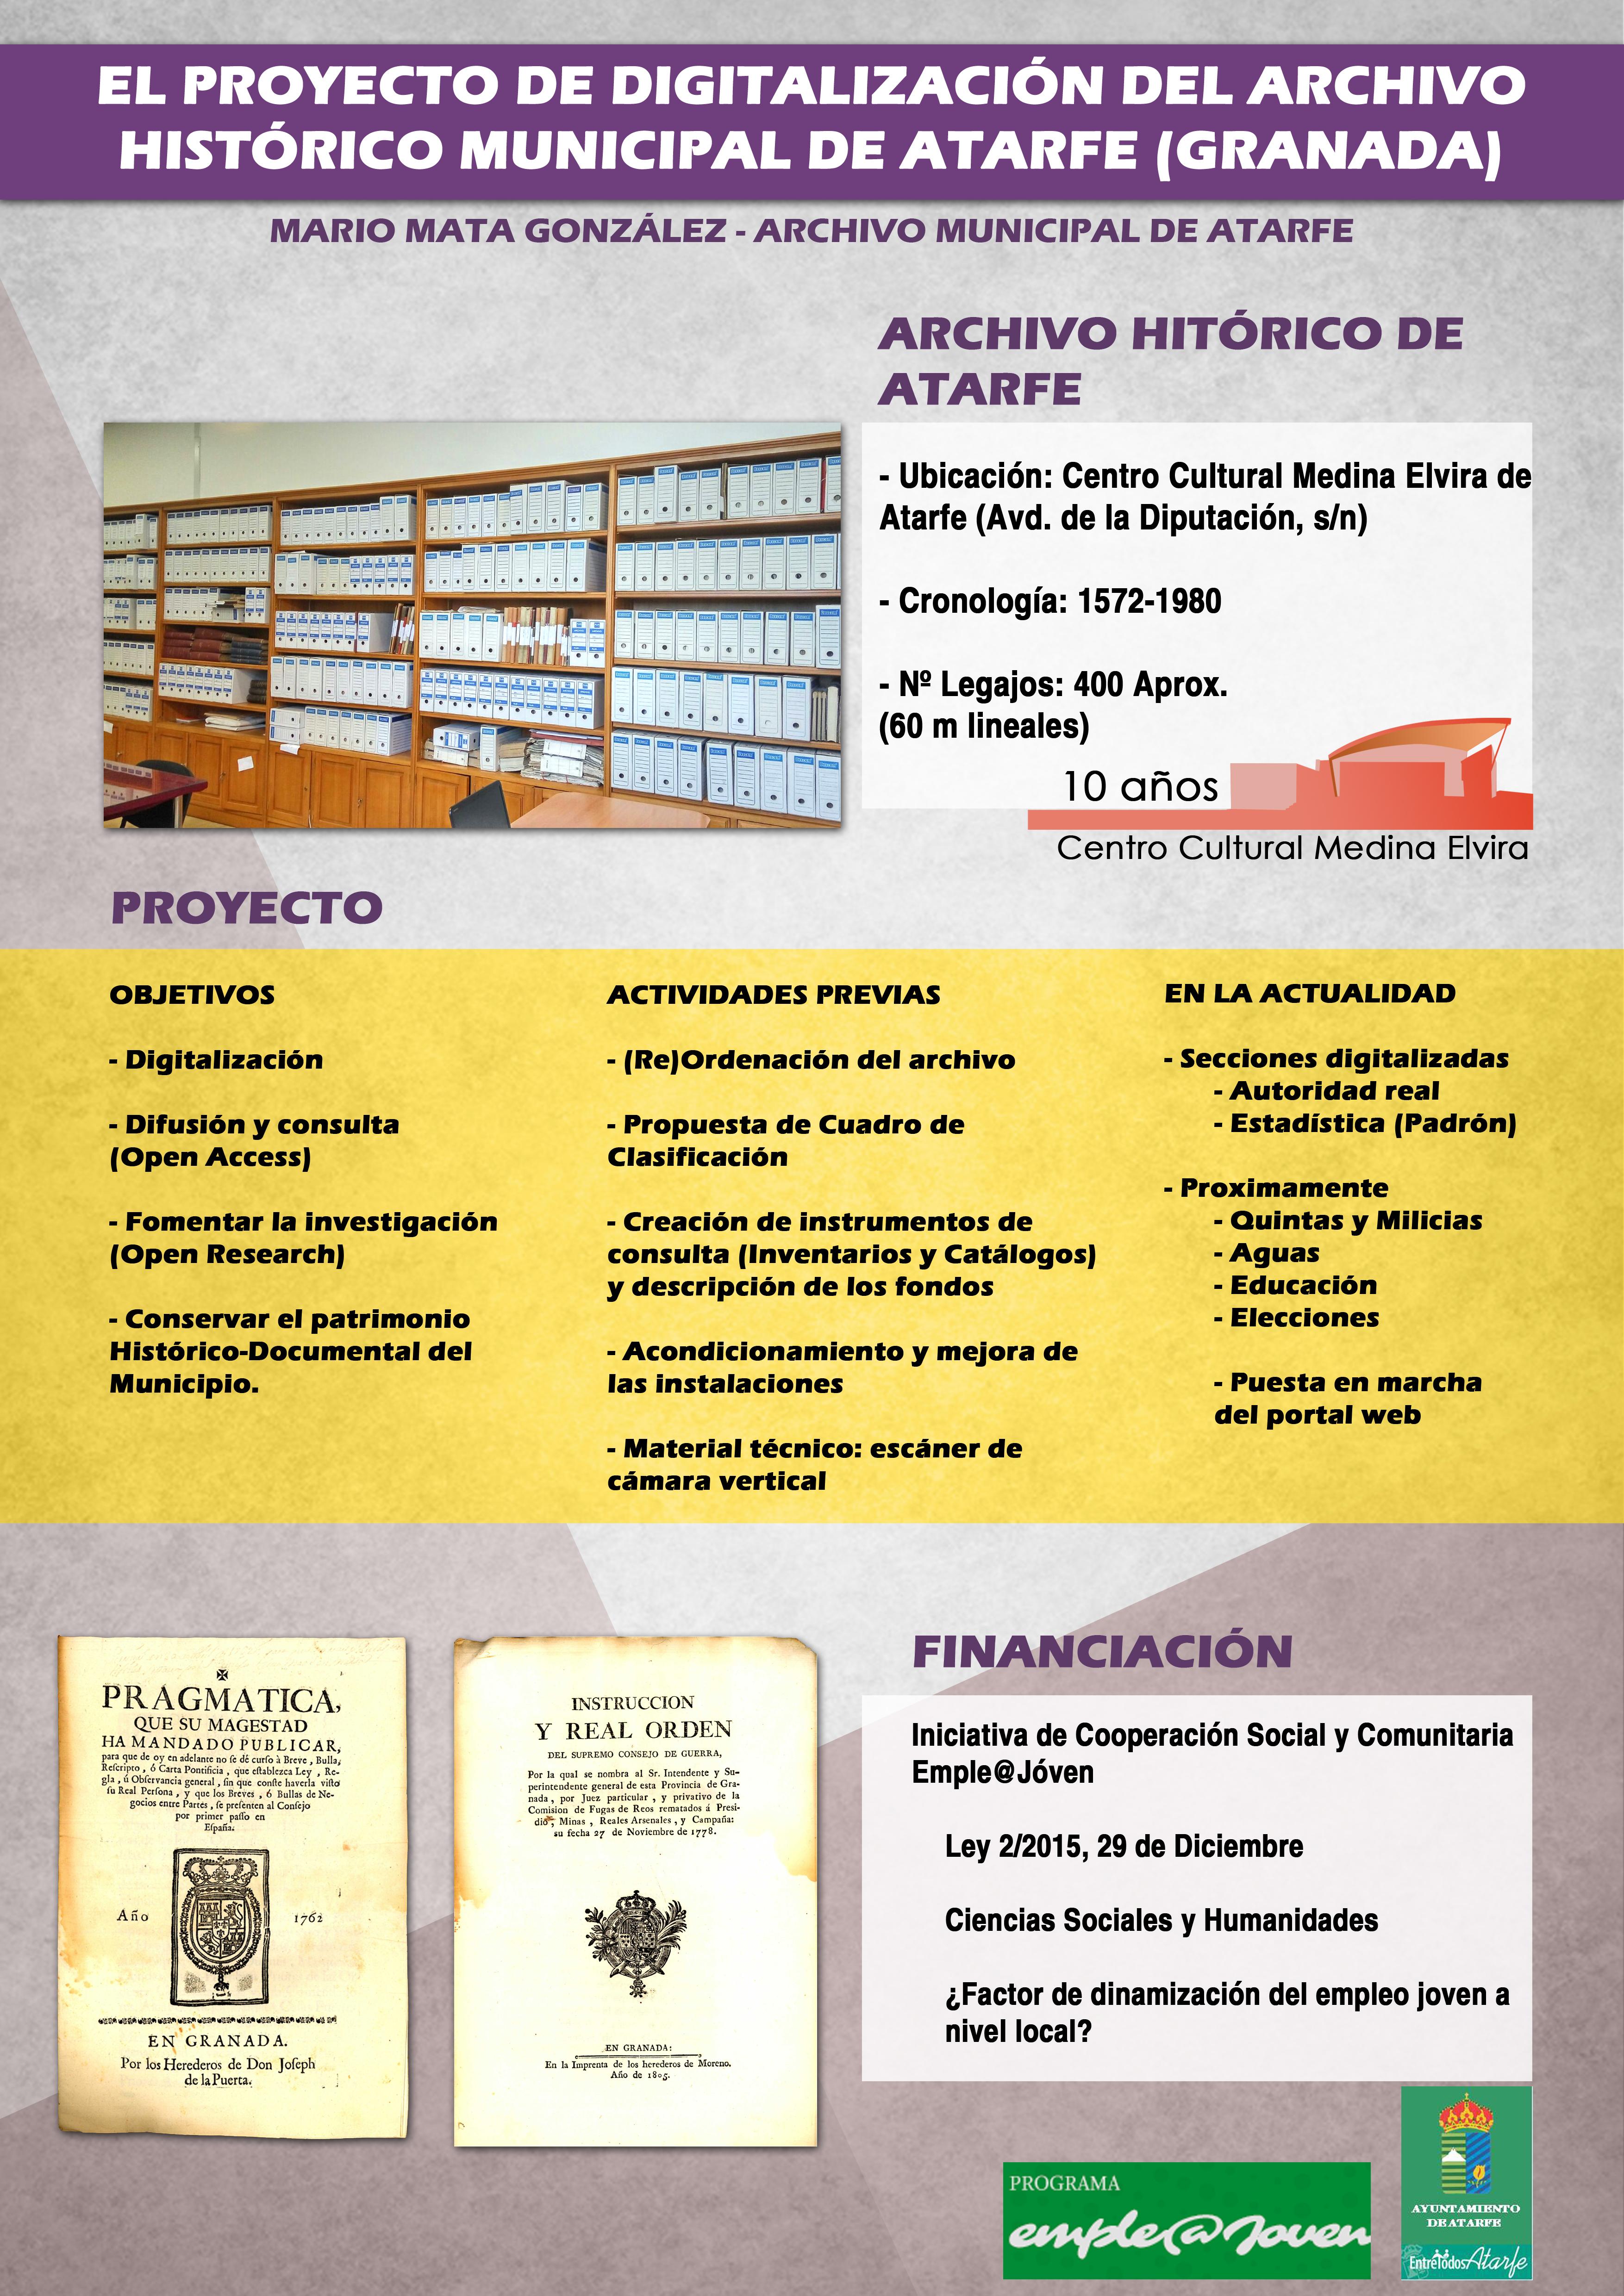 El proyecto de Digitalización del Archivo Histórico Municipal de Atarfe (Granada)